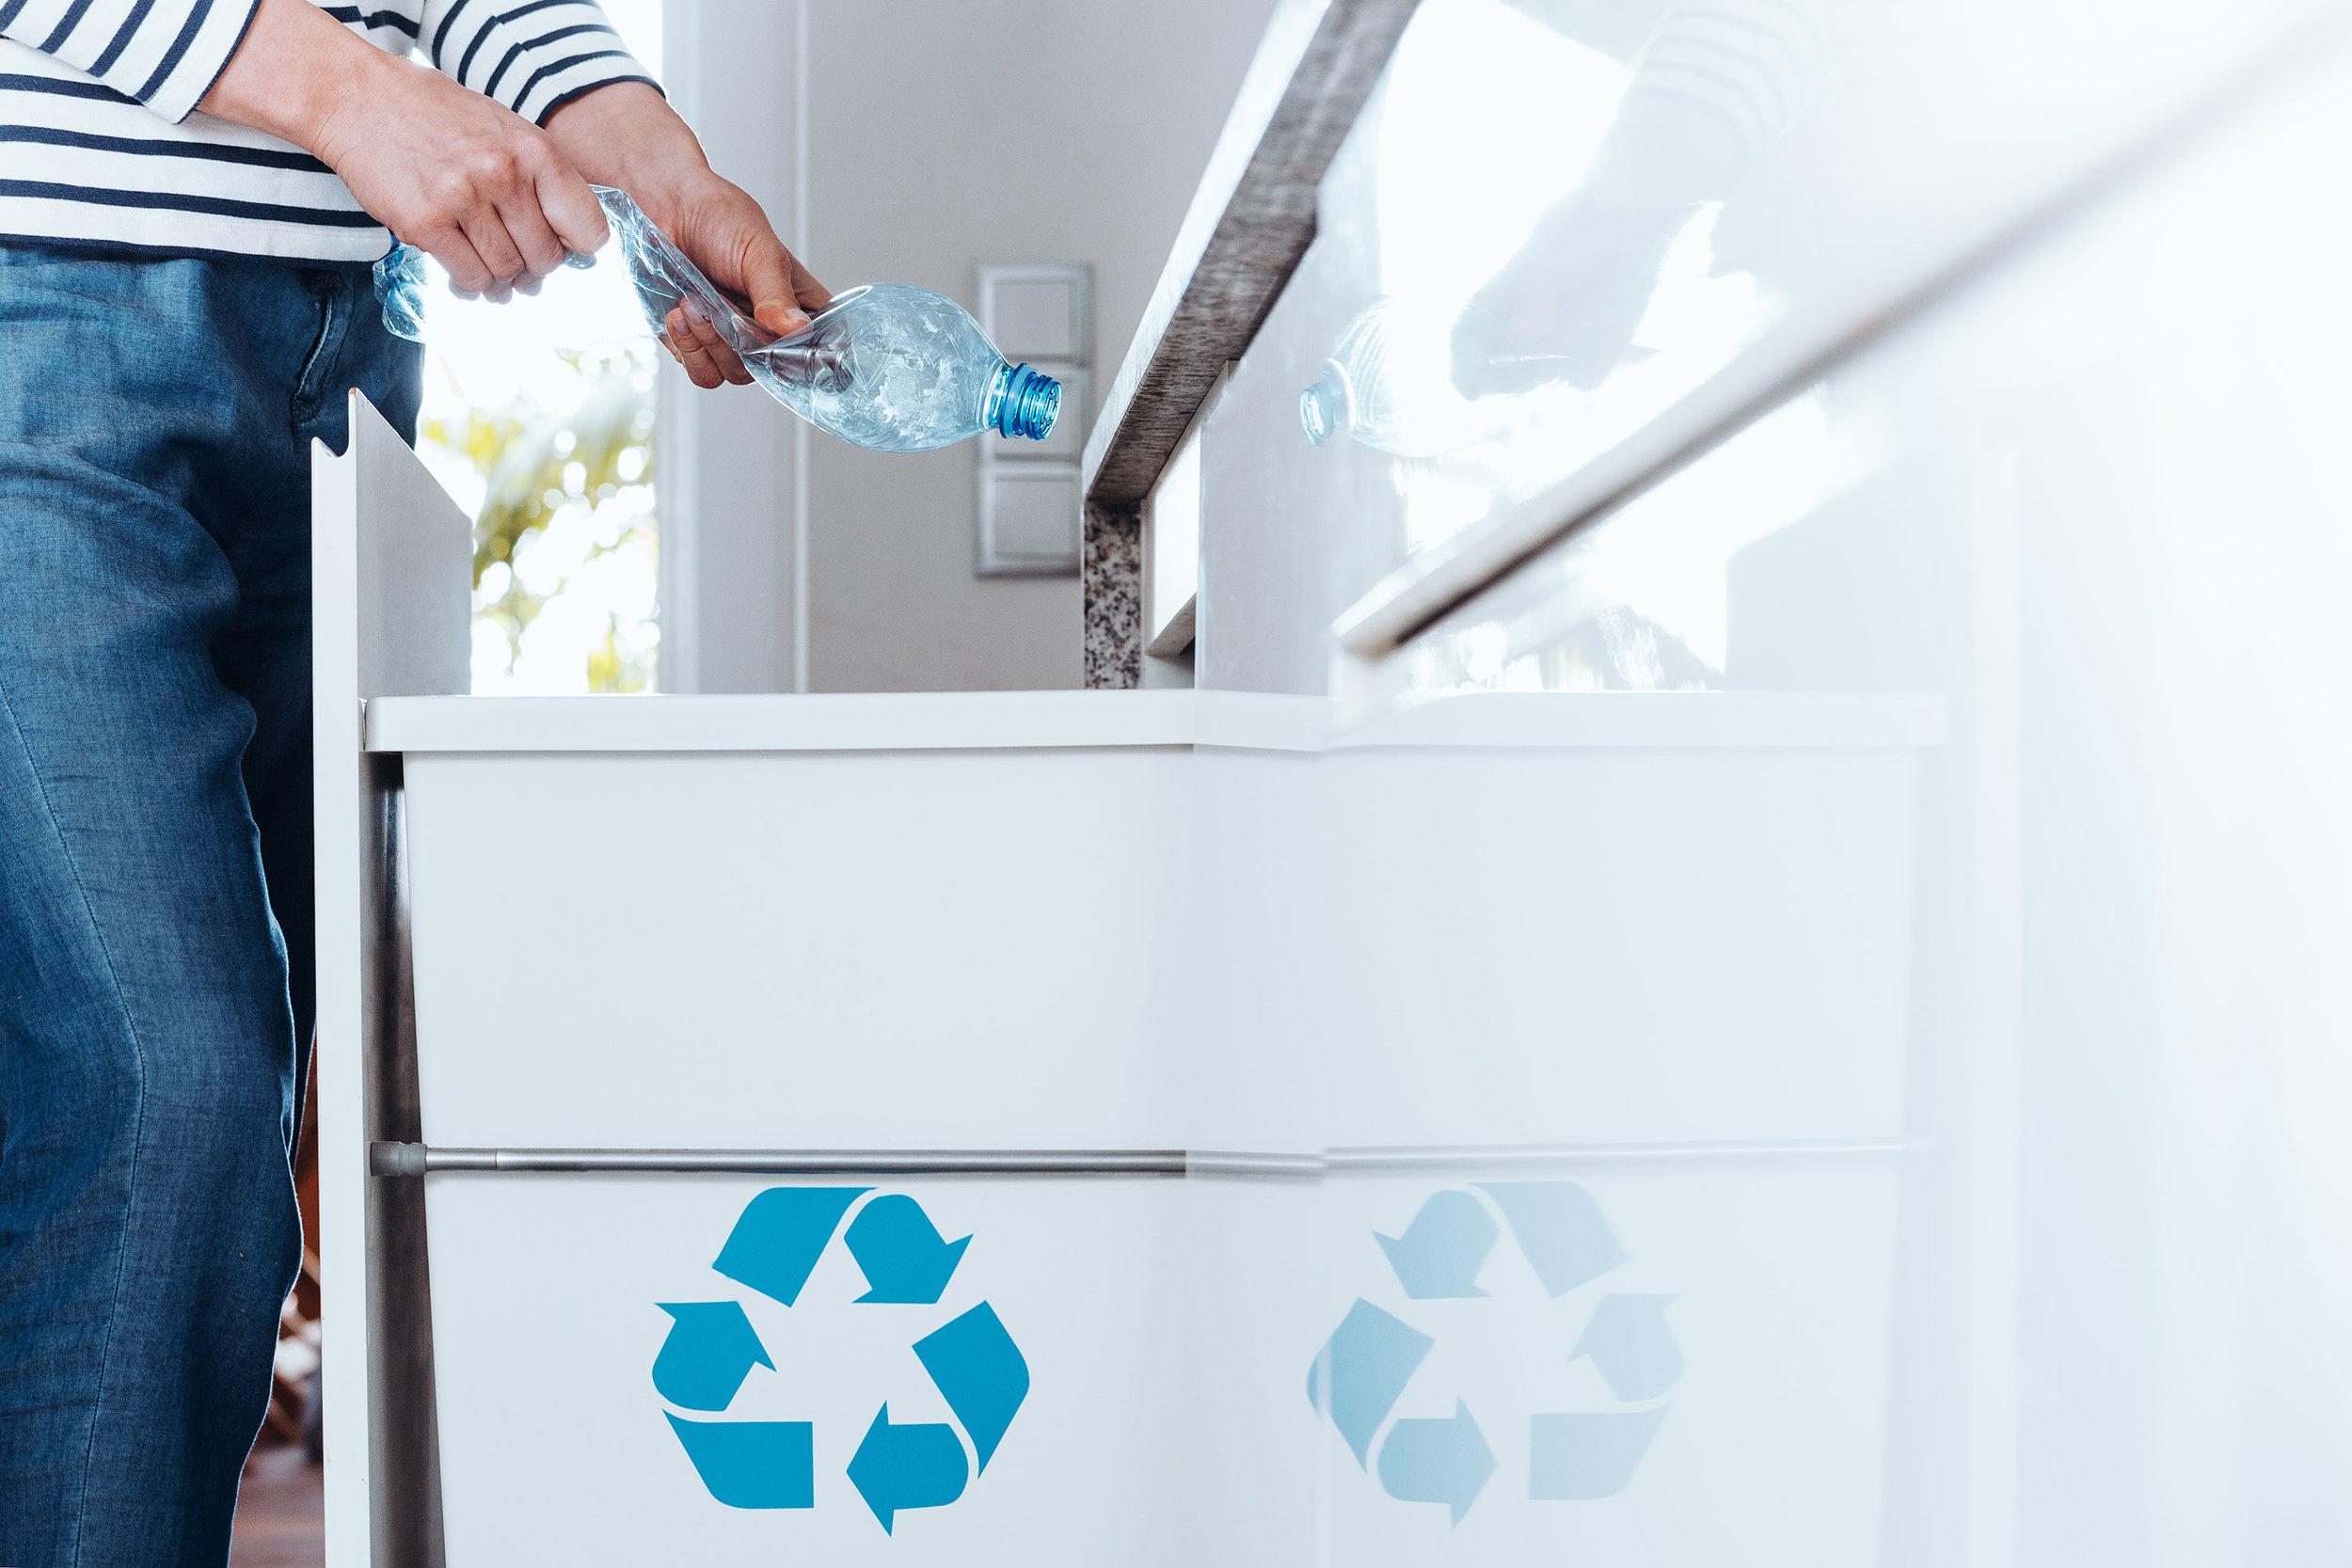 Ved å satse på gjenbruksplast, kan vi gi nytt liv til kasserte produkter og bidra til en sirkulær økonomi. Foto: iStock